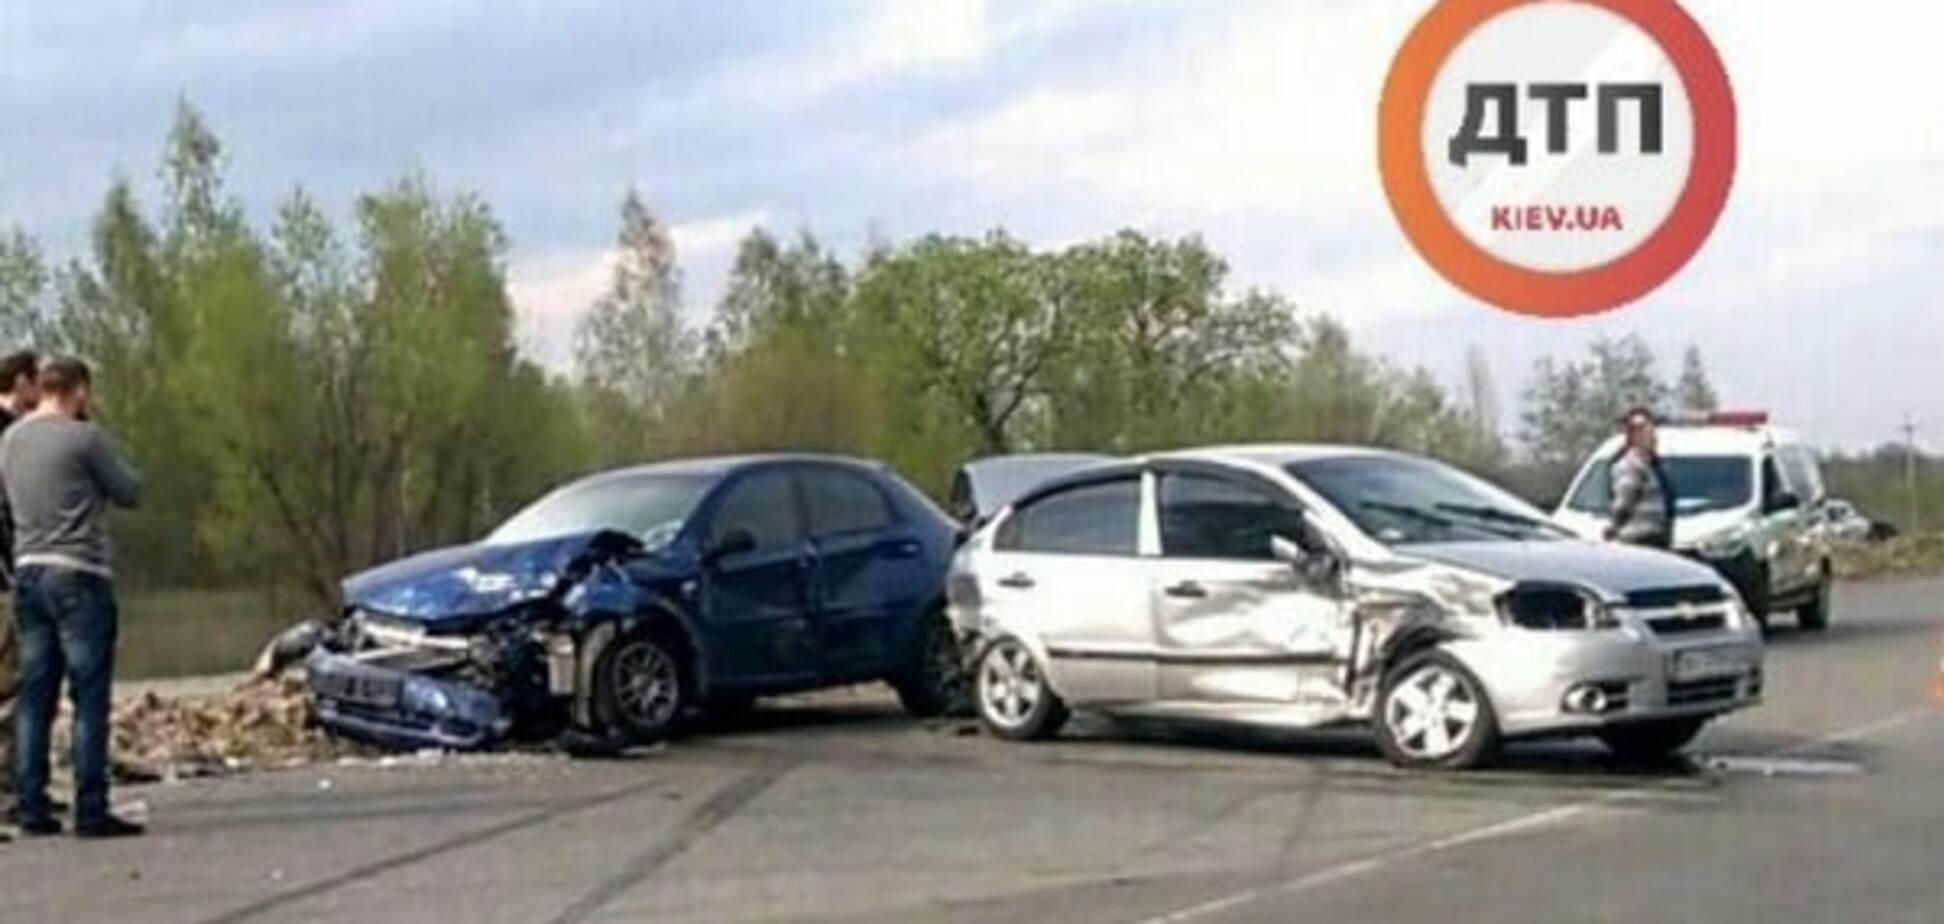 Під Києвом зіткнулися два автомобілі: є постраждалі